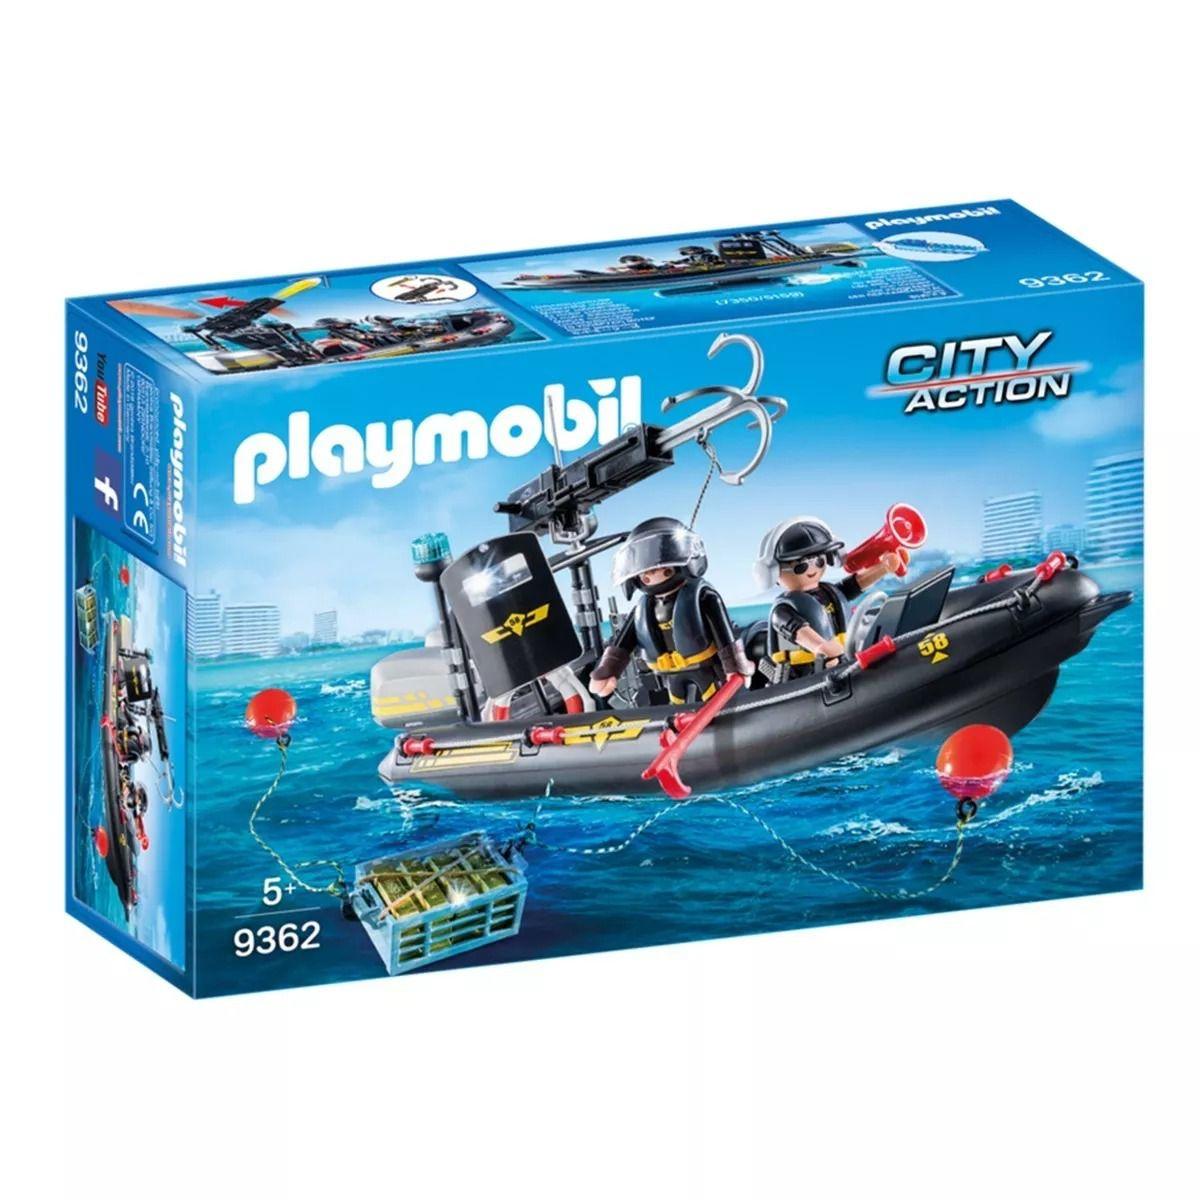 Playmobil Unidade Tática Com Bote Flutua e lança Dardo - Sunny